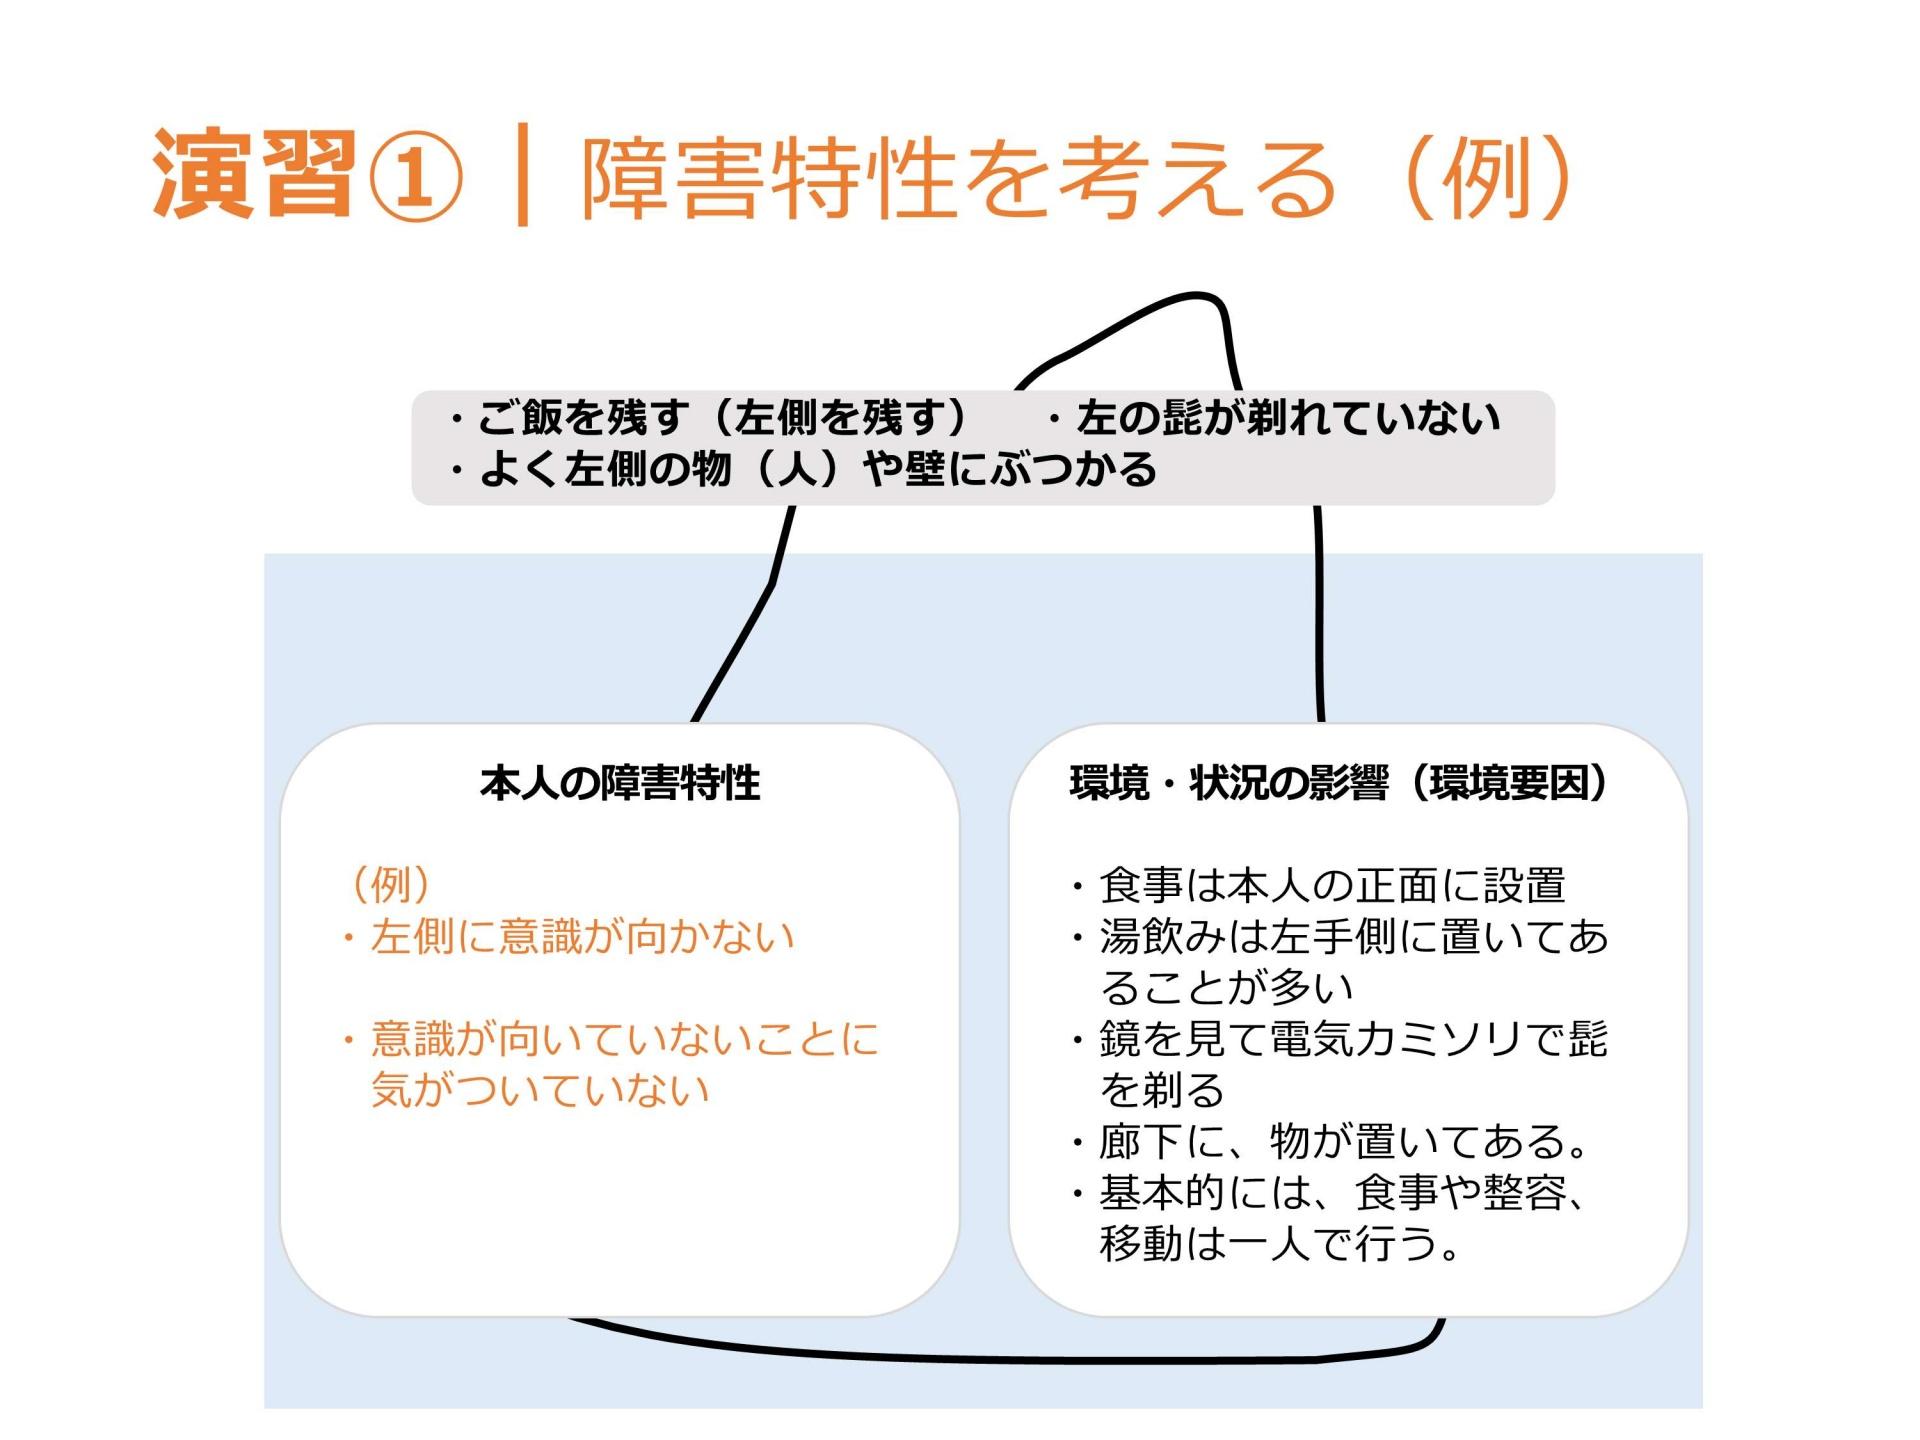 10行動の背景と捉え方(講師用)_1